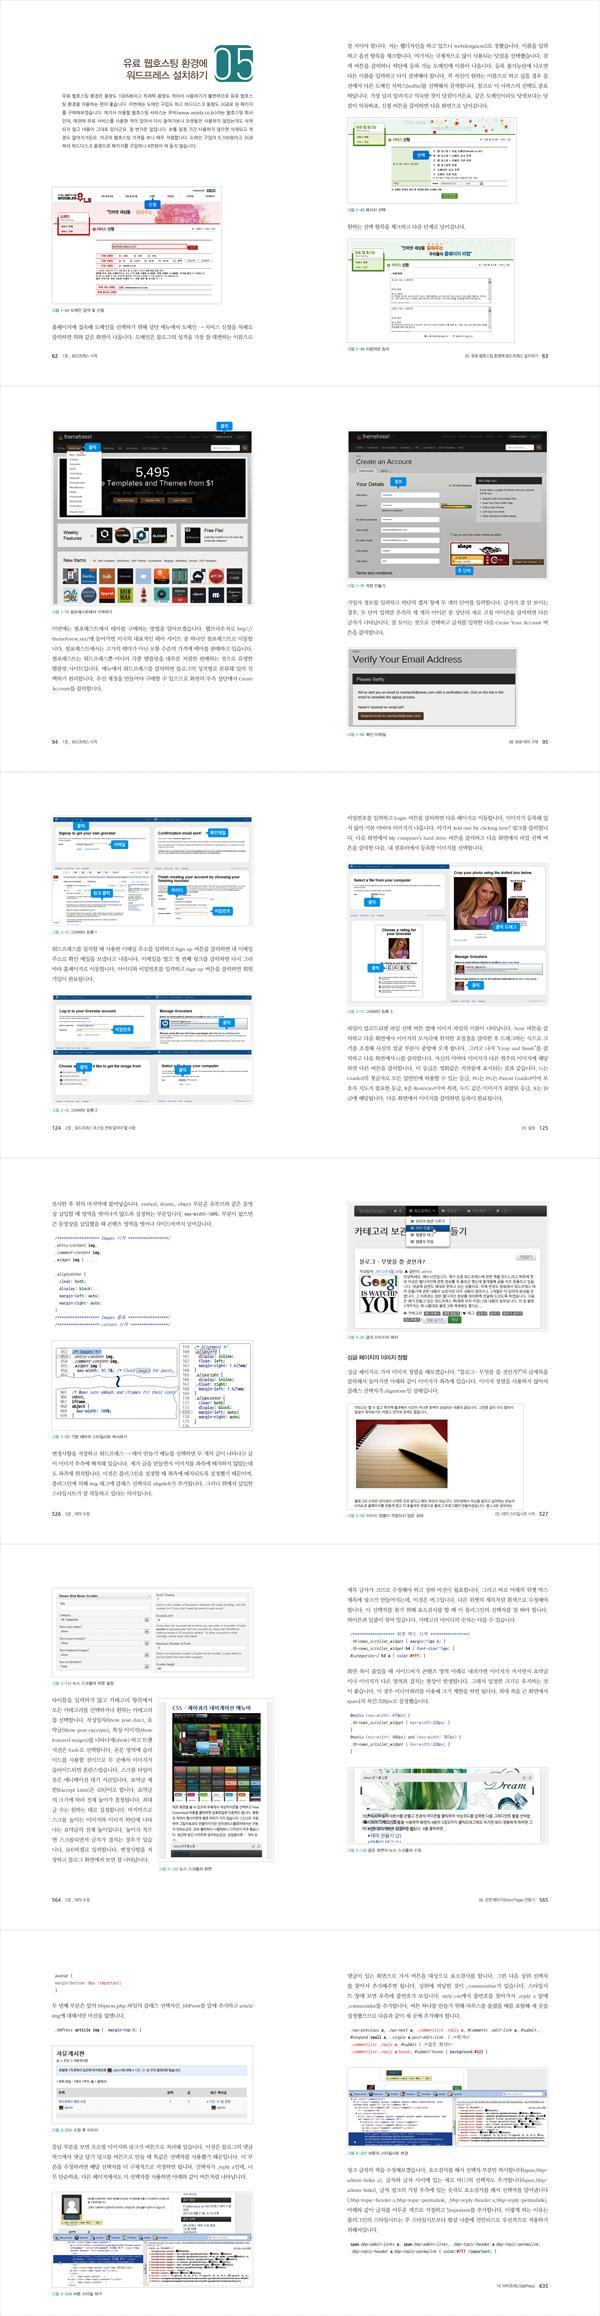 워드프레스 완벽 입문: HTML CSS 기초부터 부트스트랩을 활용한 테마 제작까지(위키북스 오픈 소스 & 웹 시 도서 상세이미지